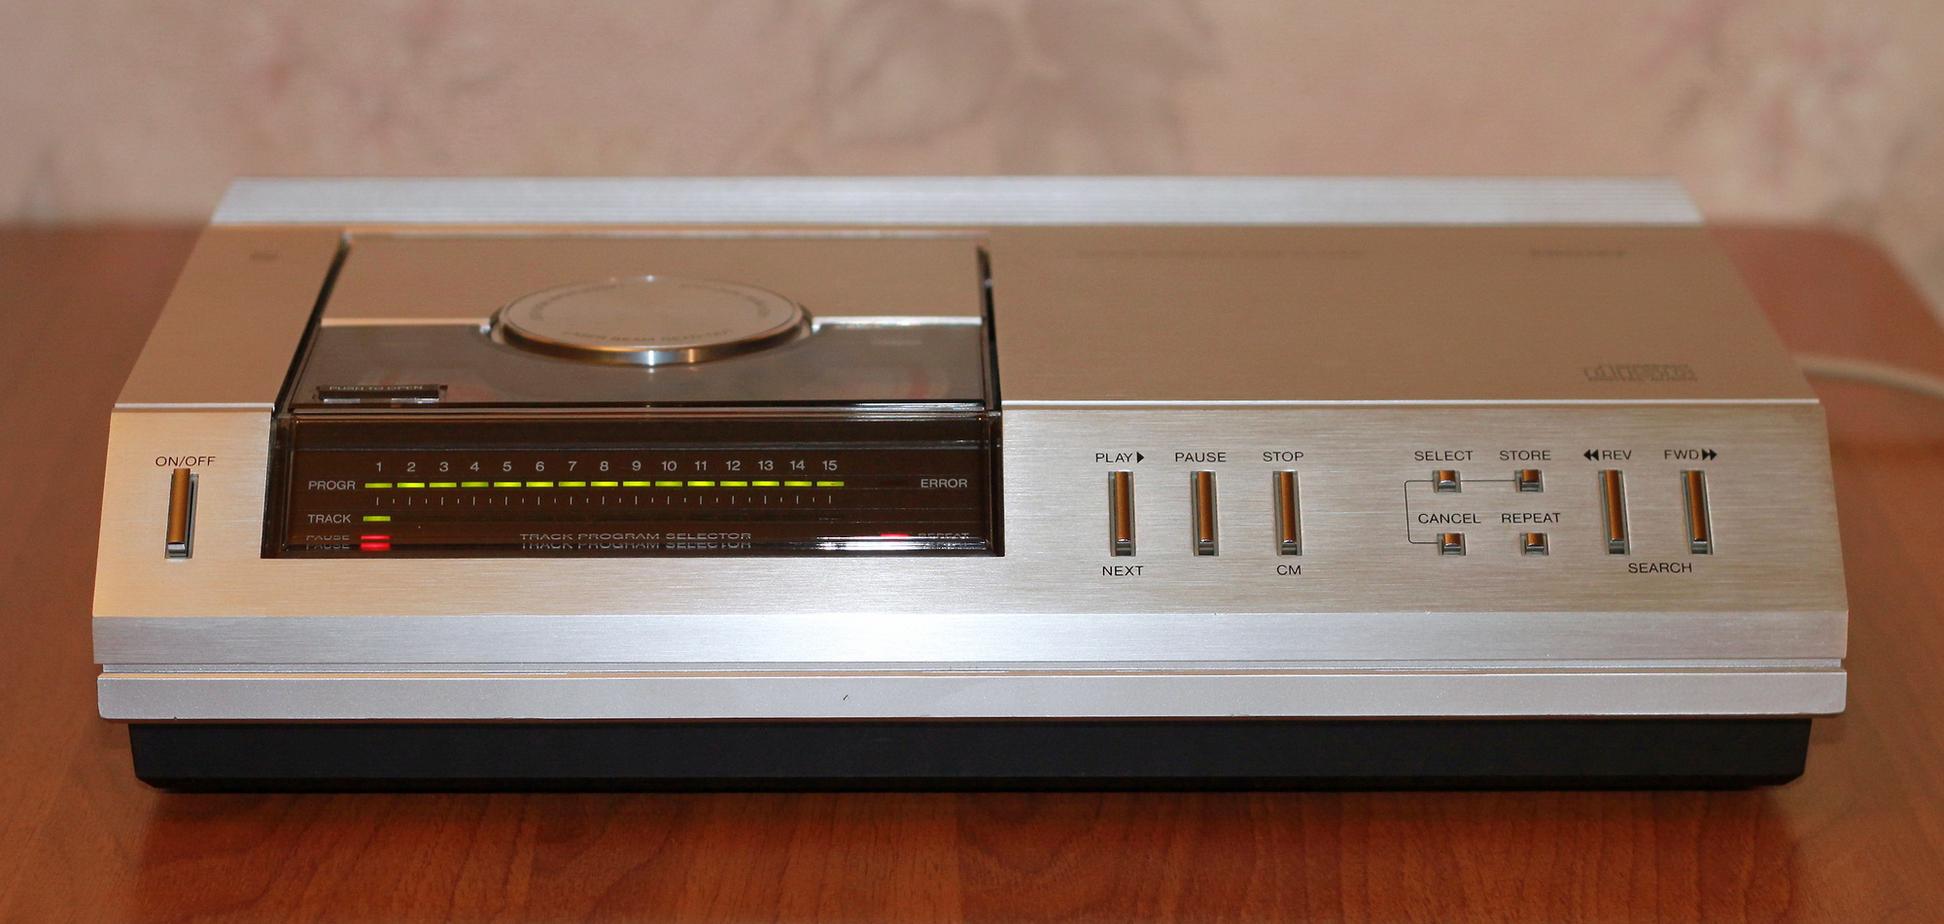 Sony и Philips совместно занимались разработкой первых CD-плееров